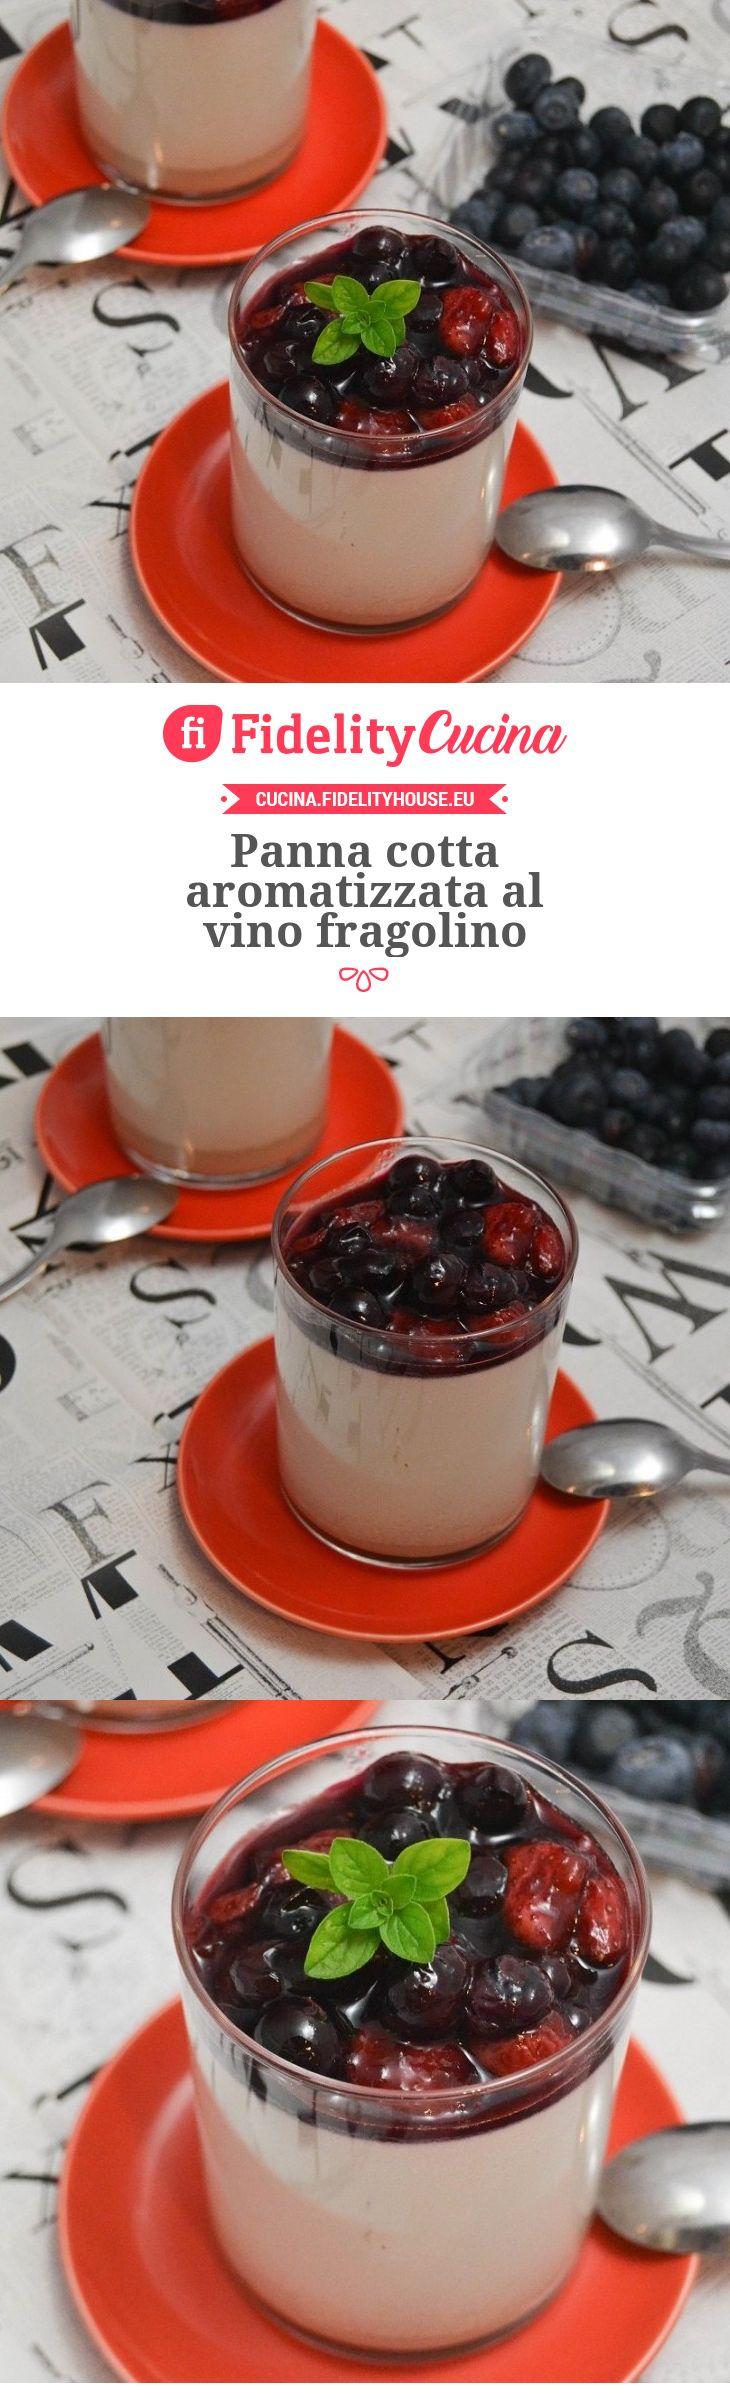 Panna cotta aromatizzata al vino fragolino